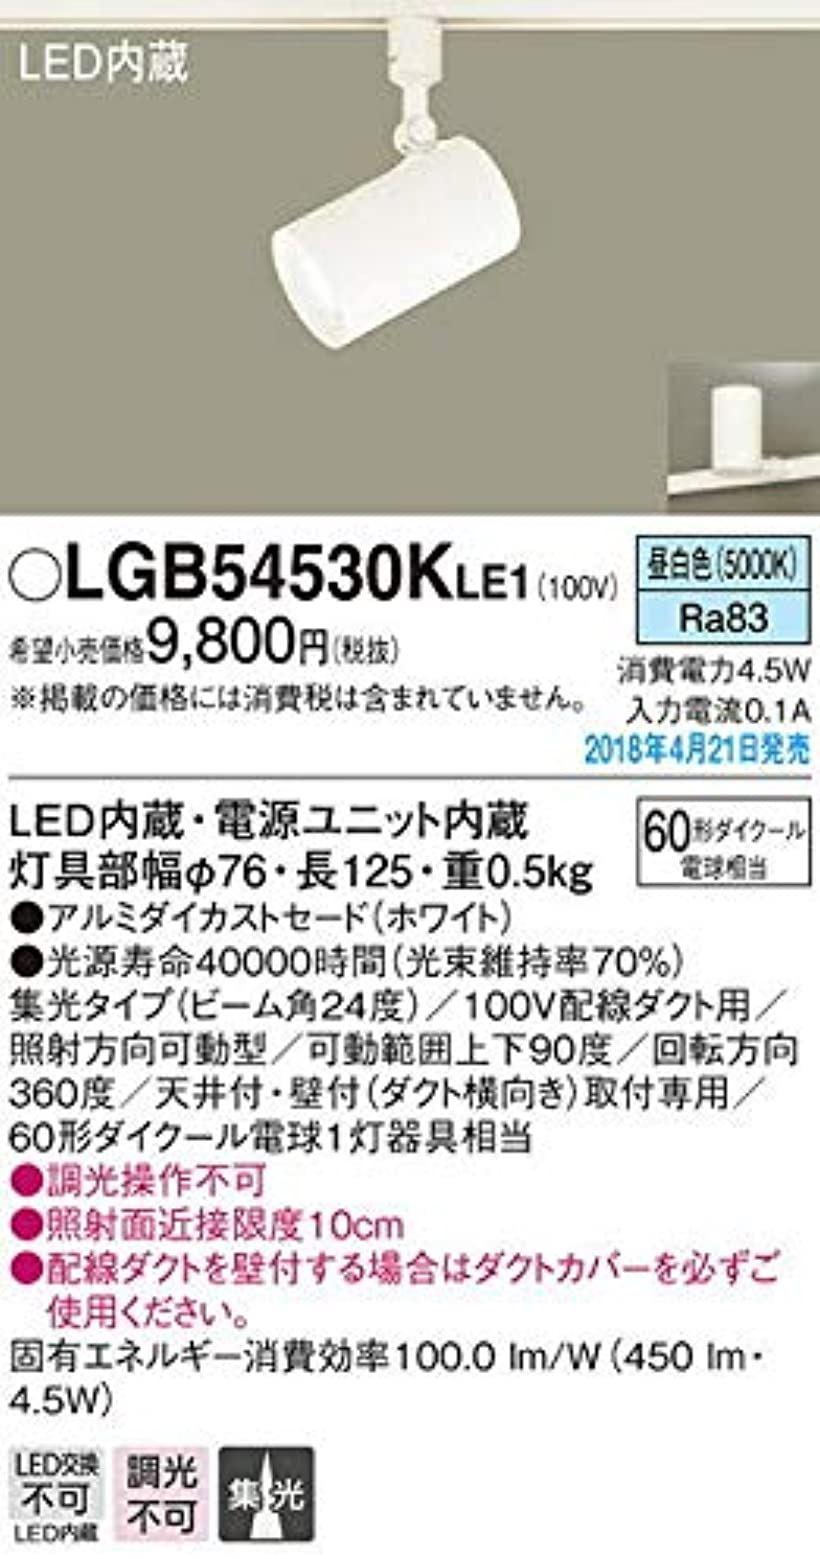 スポットライト LGB54530KLE1 調光不可 昼白色 ホワイト